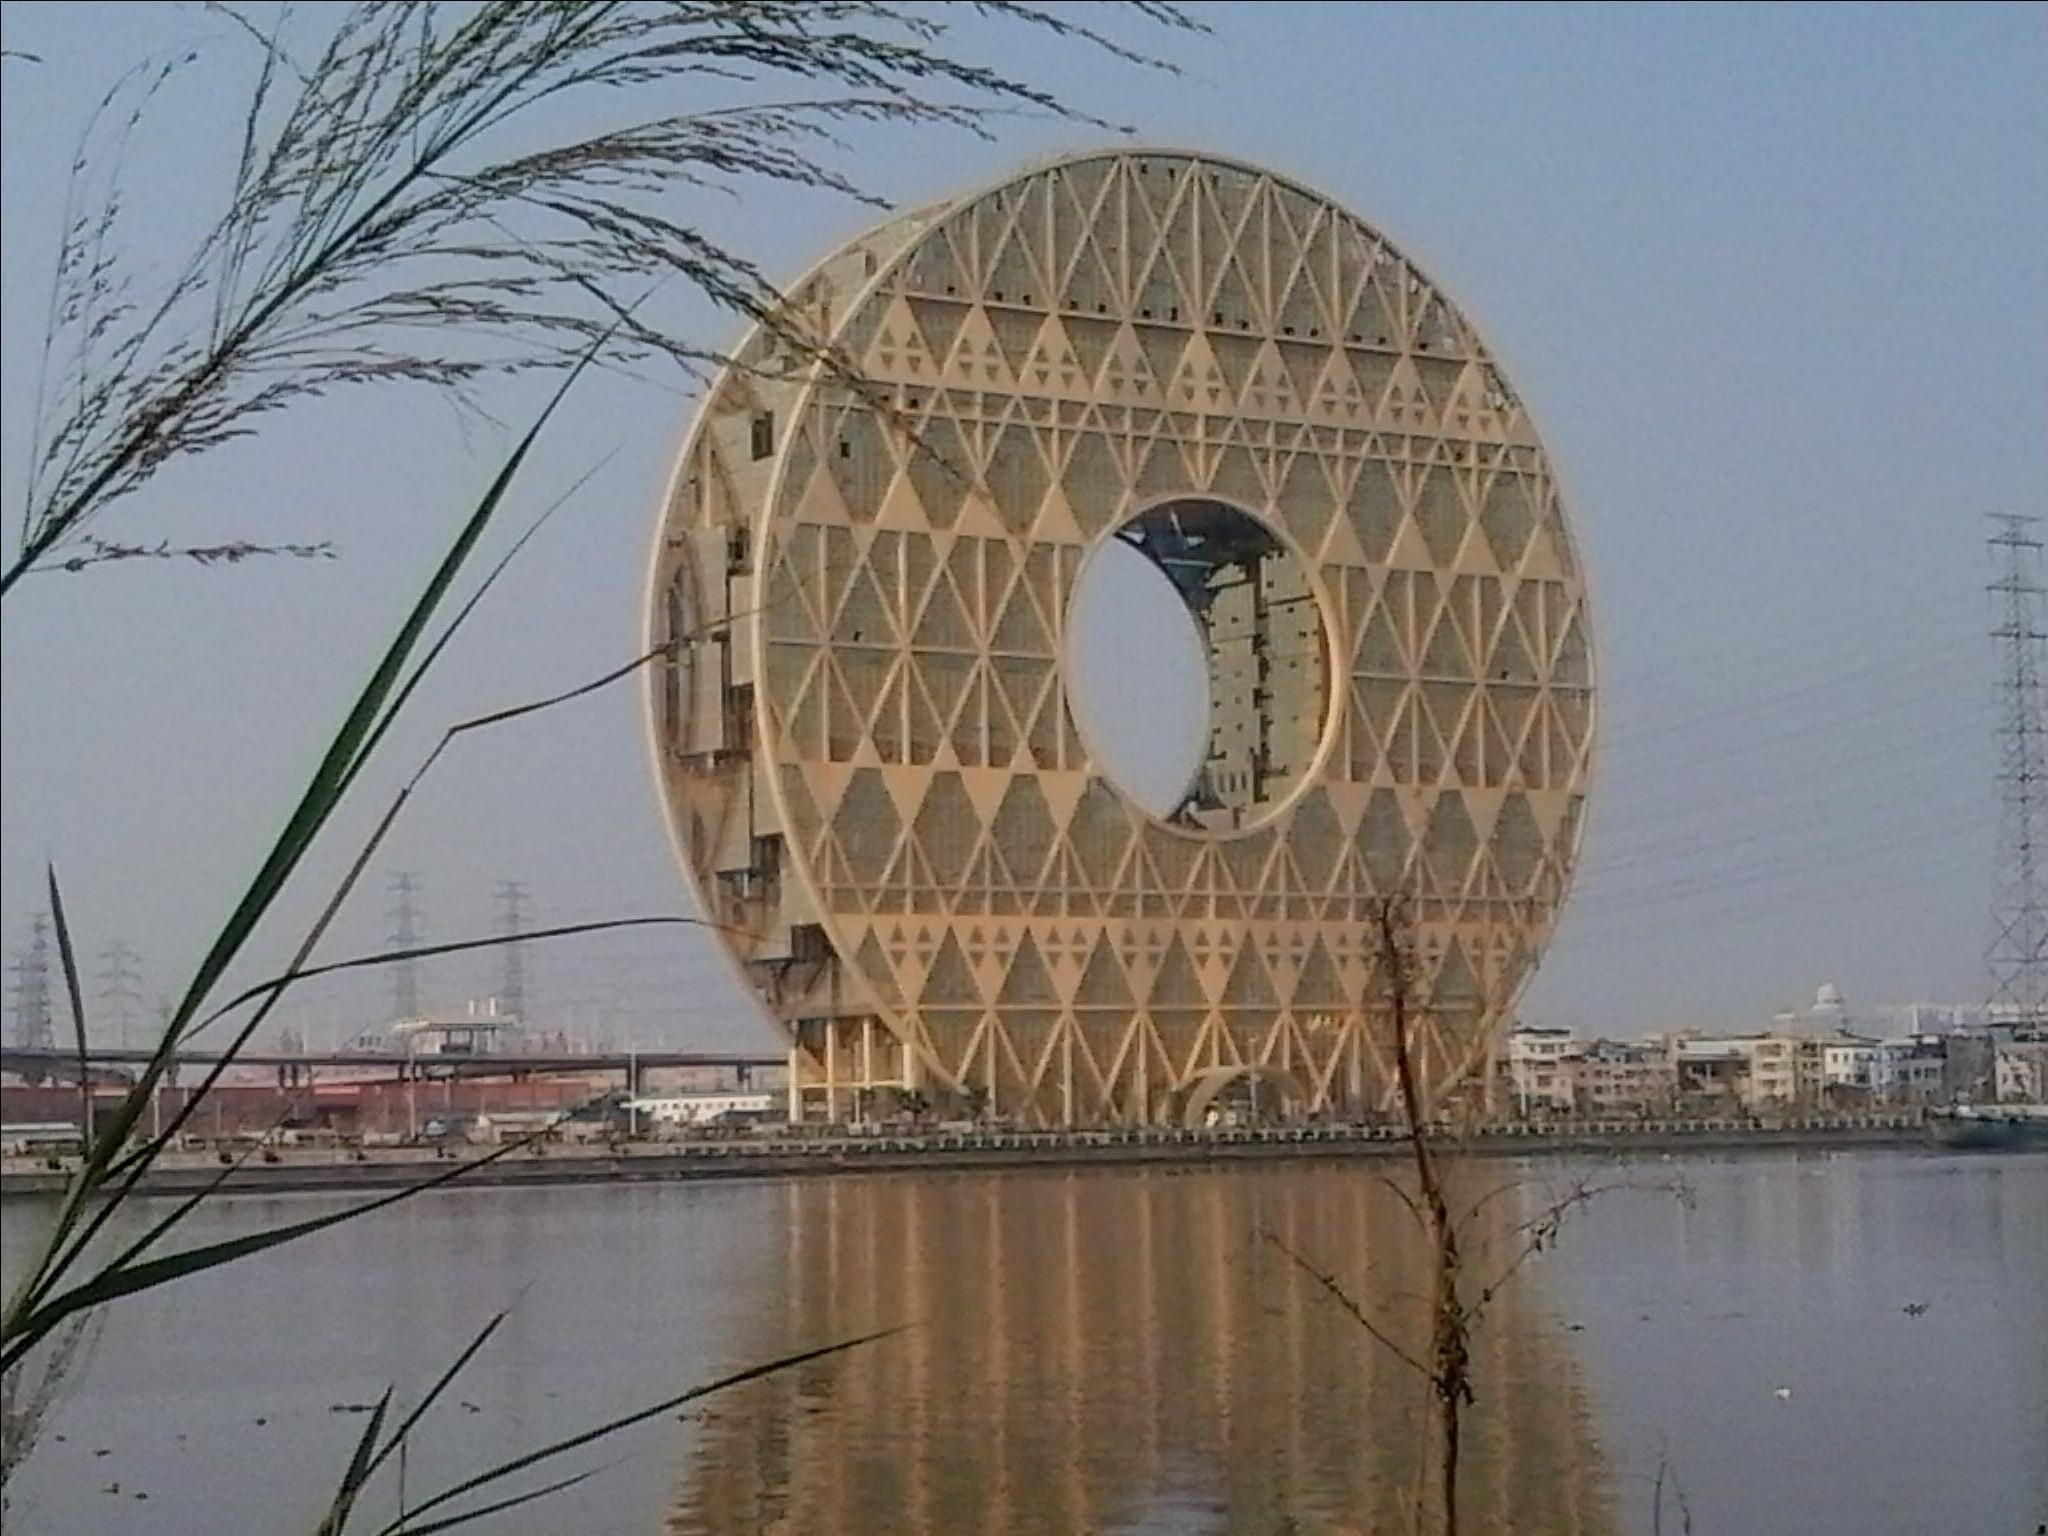 """广州圆大厦是一座半圆形建筑物,因为建筑形似铜钱,所以称其为""""铜钱"""